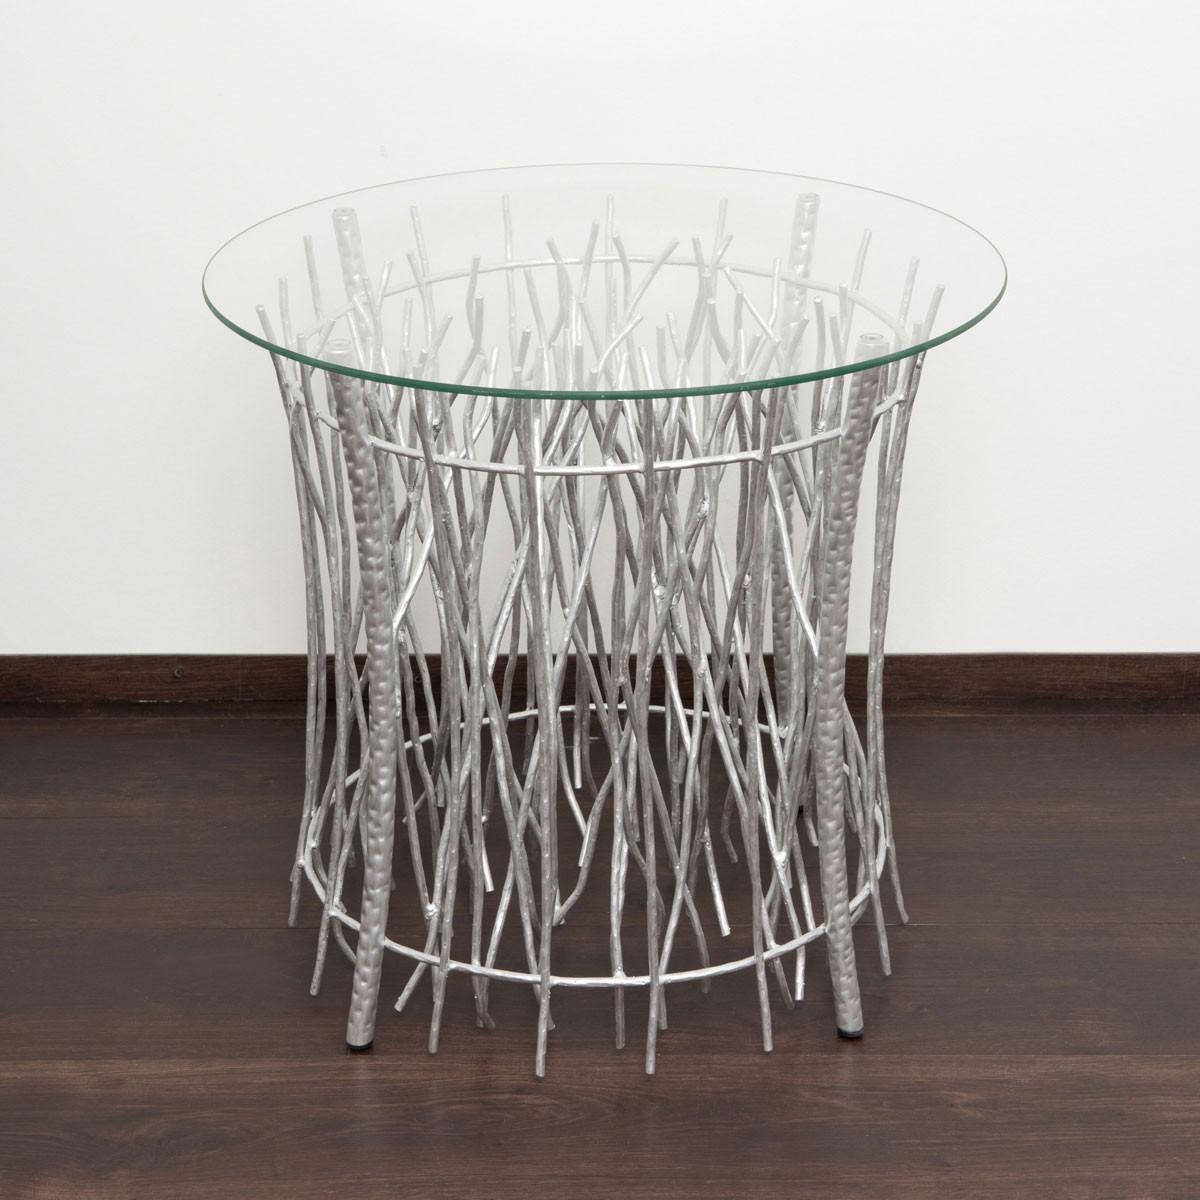 90 wohnzimmertisch in silber rund couchtisch silber holz categorycouchtisch 2er set glas. Black Bedroom Furniture Sets. Home Design Ideas